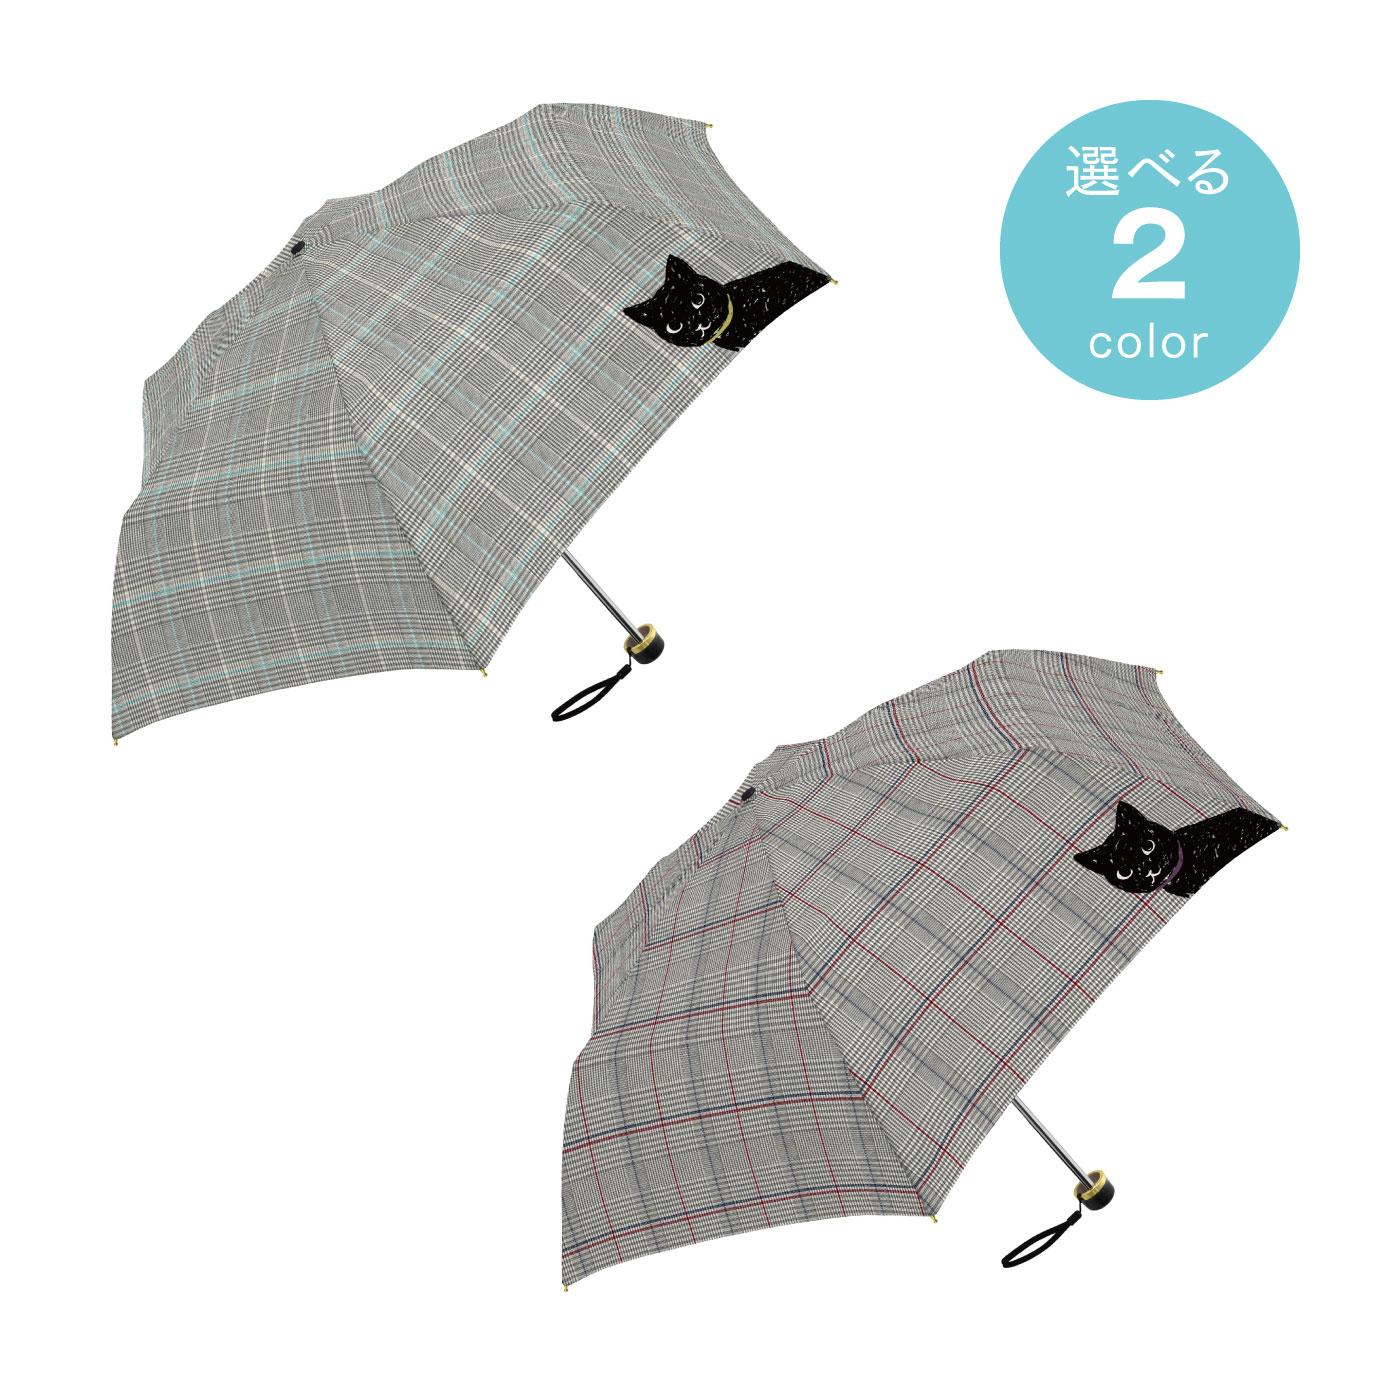 フェリシモ 雨の日を素敵な時間に 折り畳み傘グレンチェック キャット ミニ